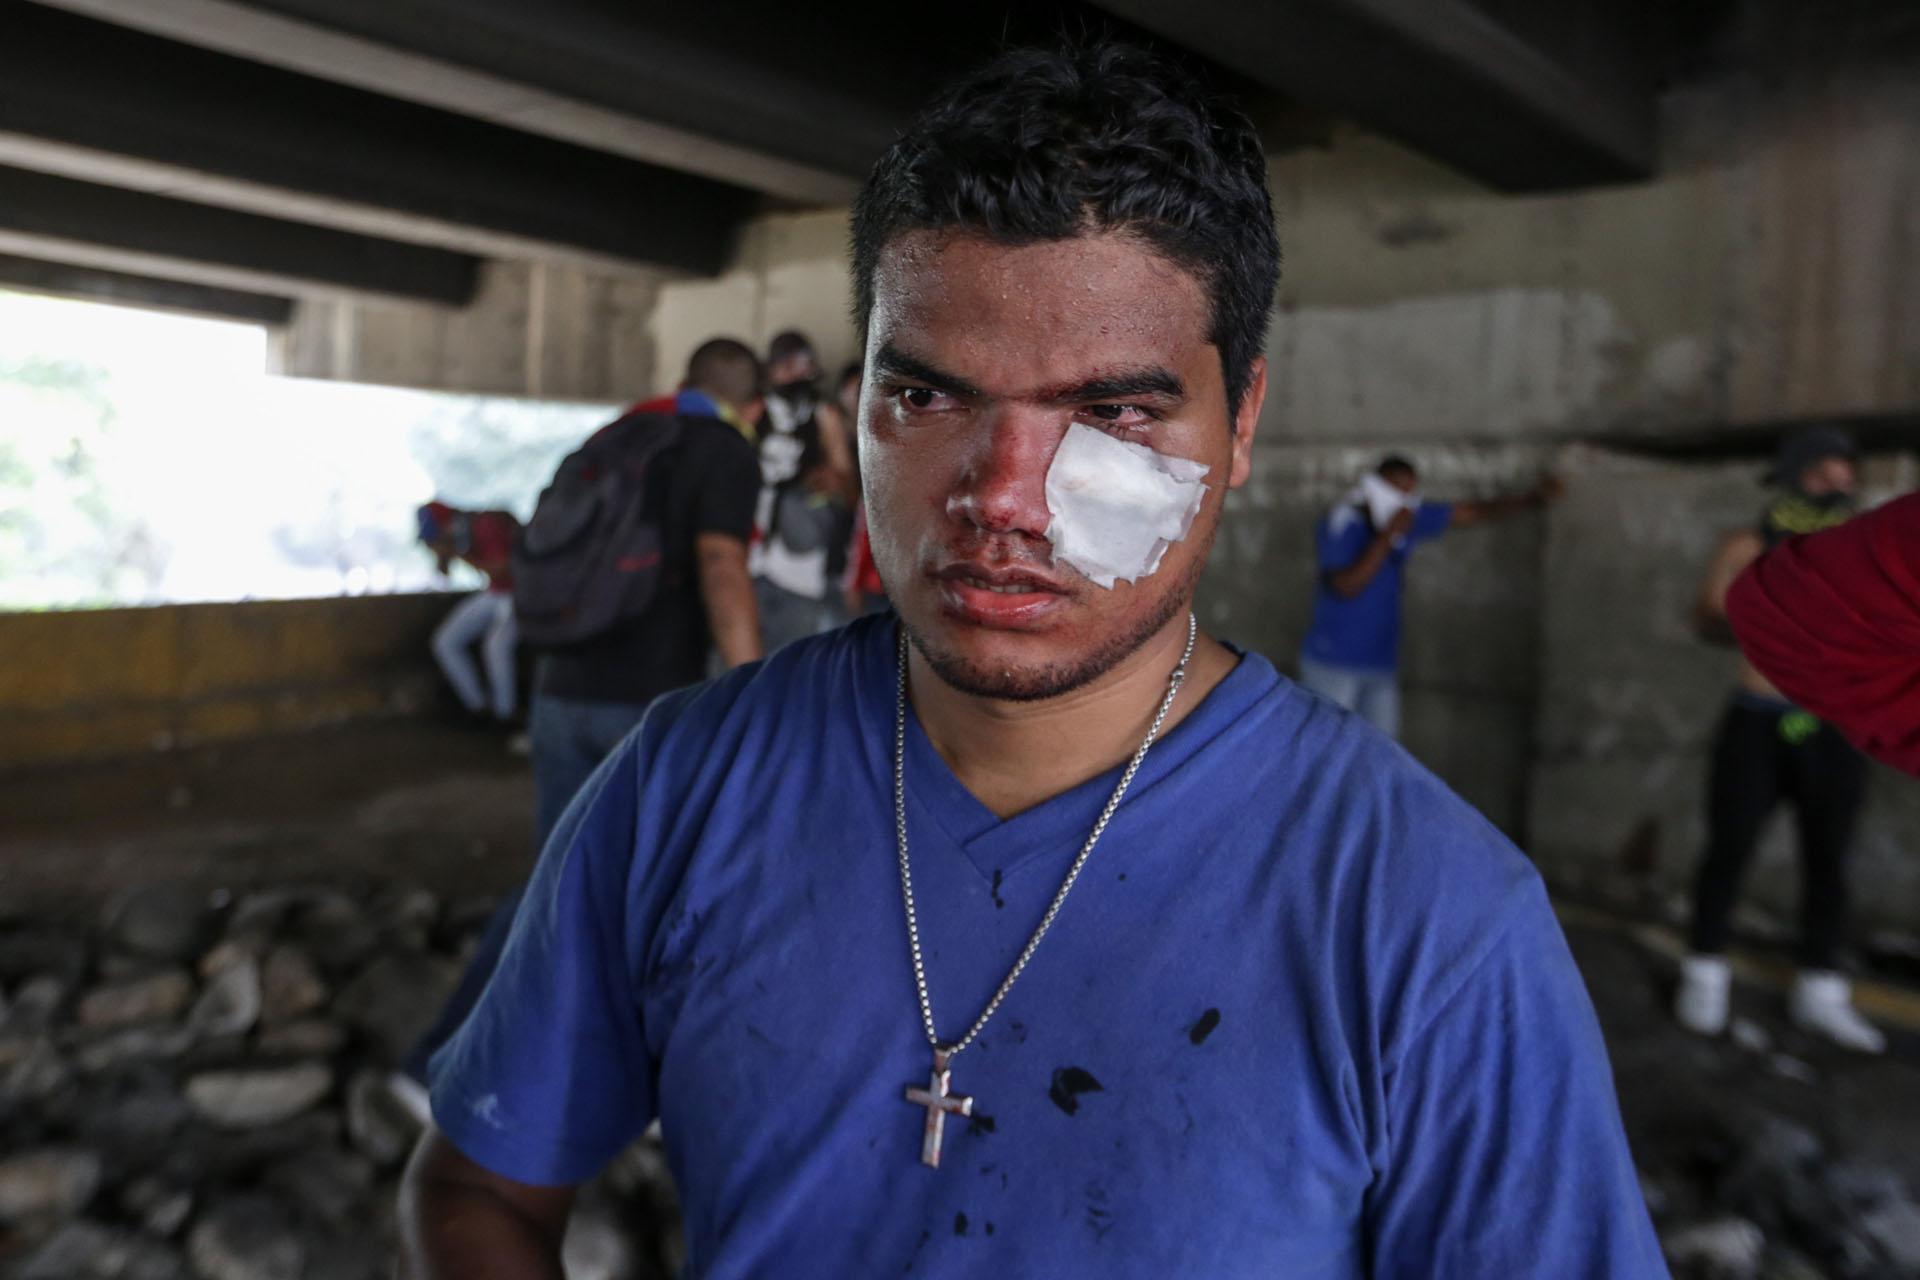 CAR01. CARACAS (VENEZUELA), 06/04/2017 - Vista de un hombre que resultó herido por conflictos con efectivos de la Policía Nacional Bolivariana (PNB) durante una manifestación de opositores al gobierno de Nicolás Maduro hoy, jueves 6 de abril de 2017, en Caracas (Venezuela). Dos fotógrafos de la Agencia EFE en Caracas resultaron heridos durante una protesta opositora en Caracas cuando agentes de los cuerpos de seguridad dispararon a quemarropa contra ellos mientras cubrían gráficamente la manifestación en el este de la capital venezolana. EFE/CRISTIAN HERNÁNDEZ